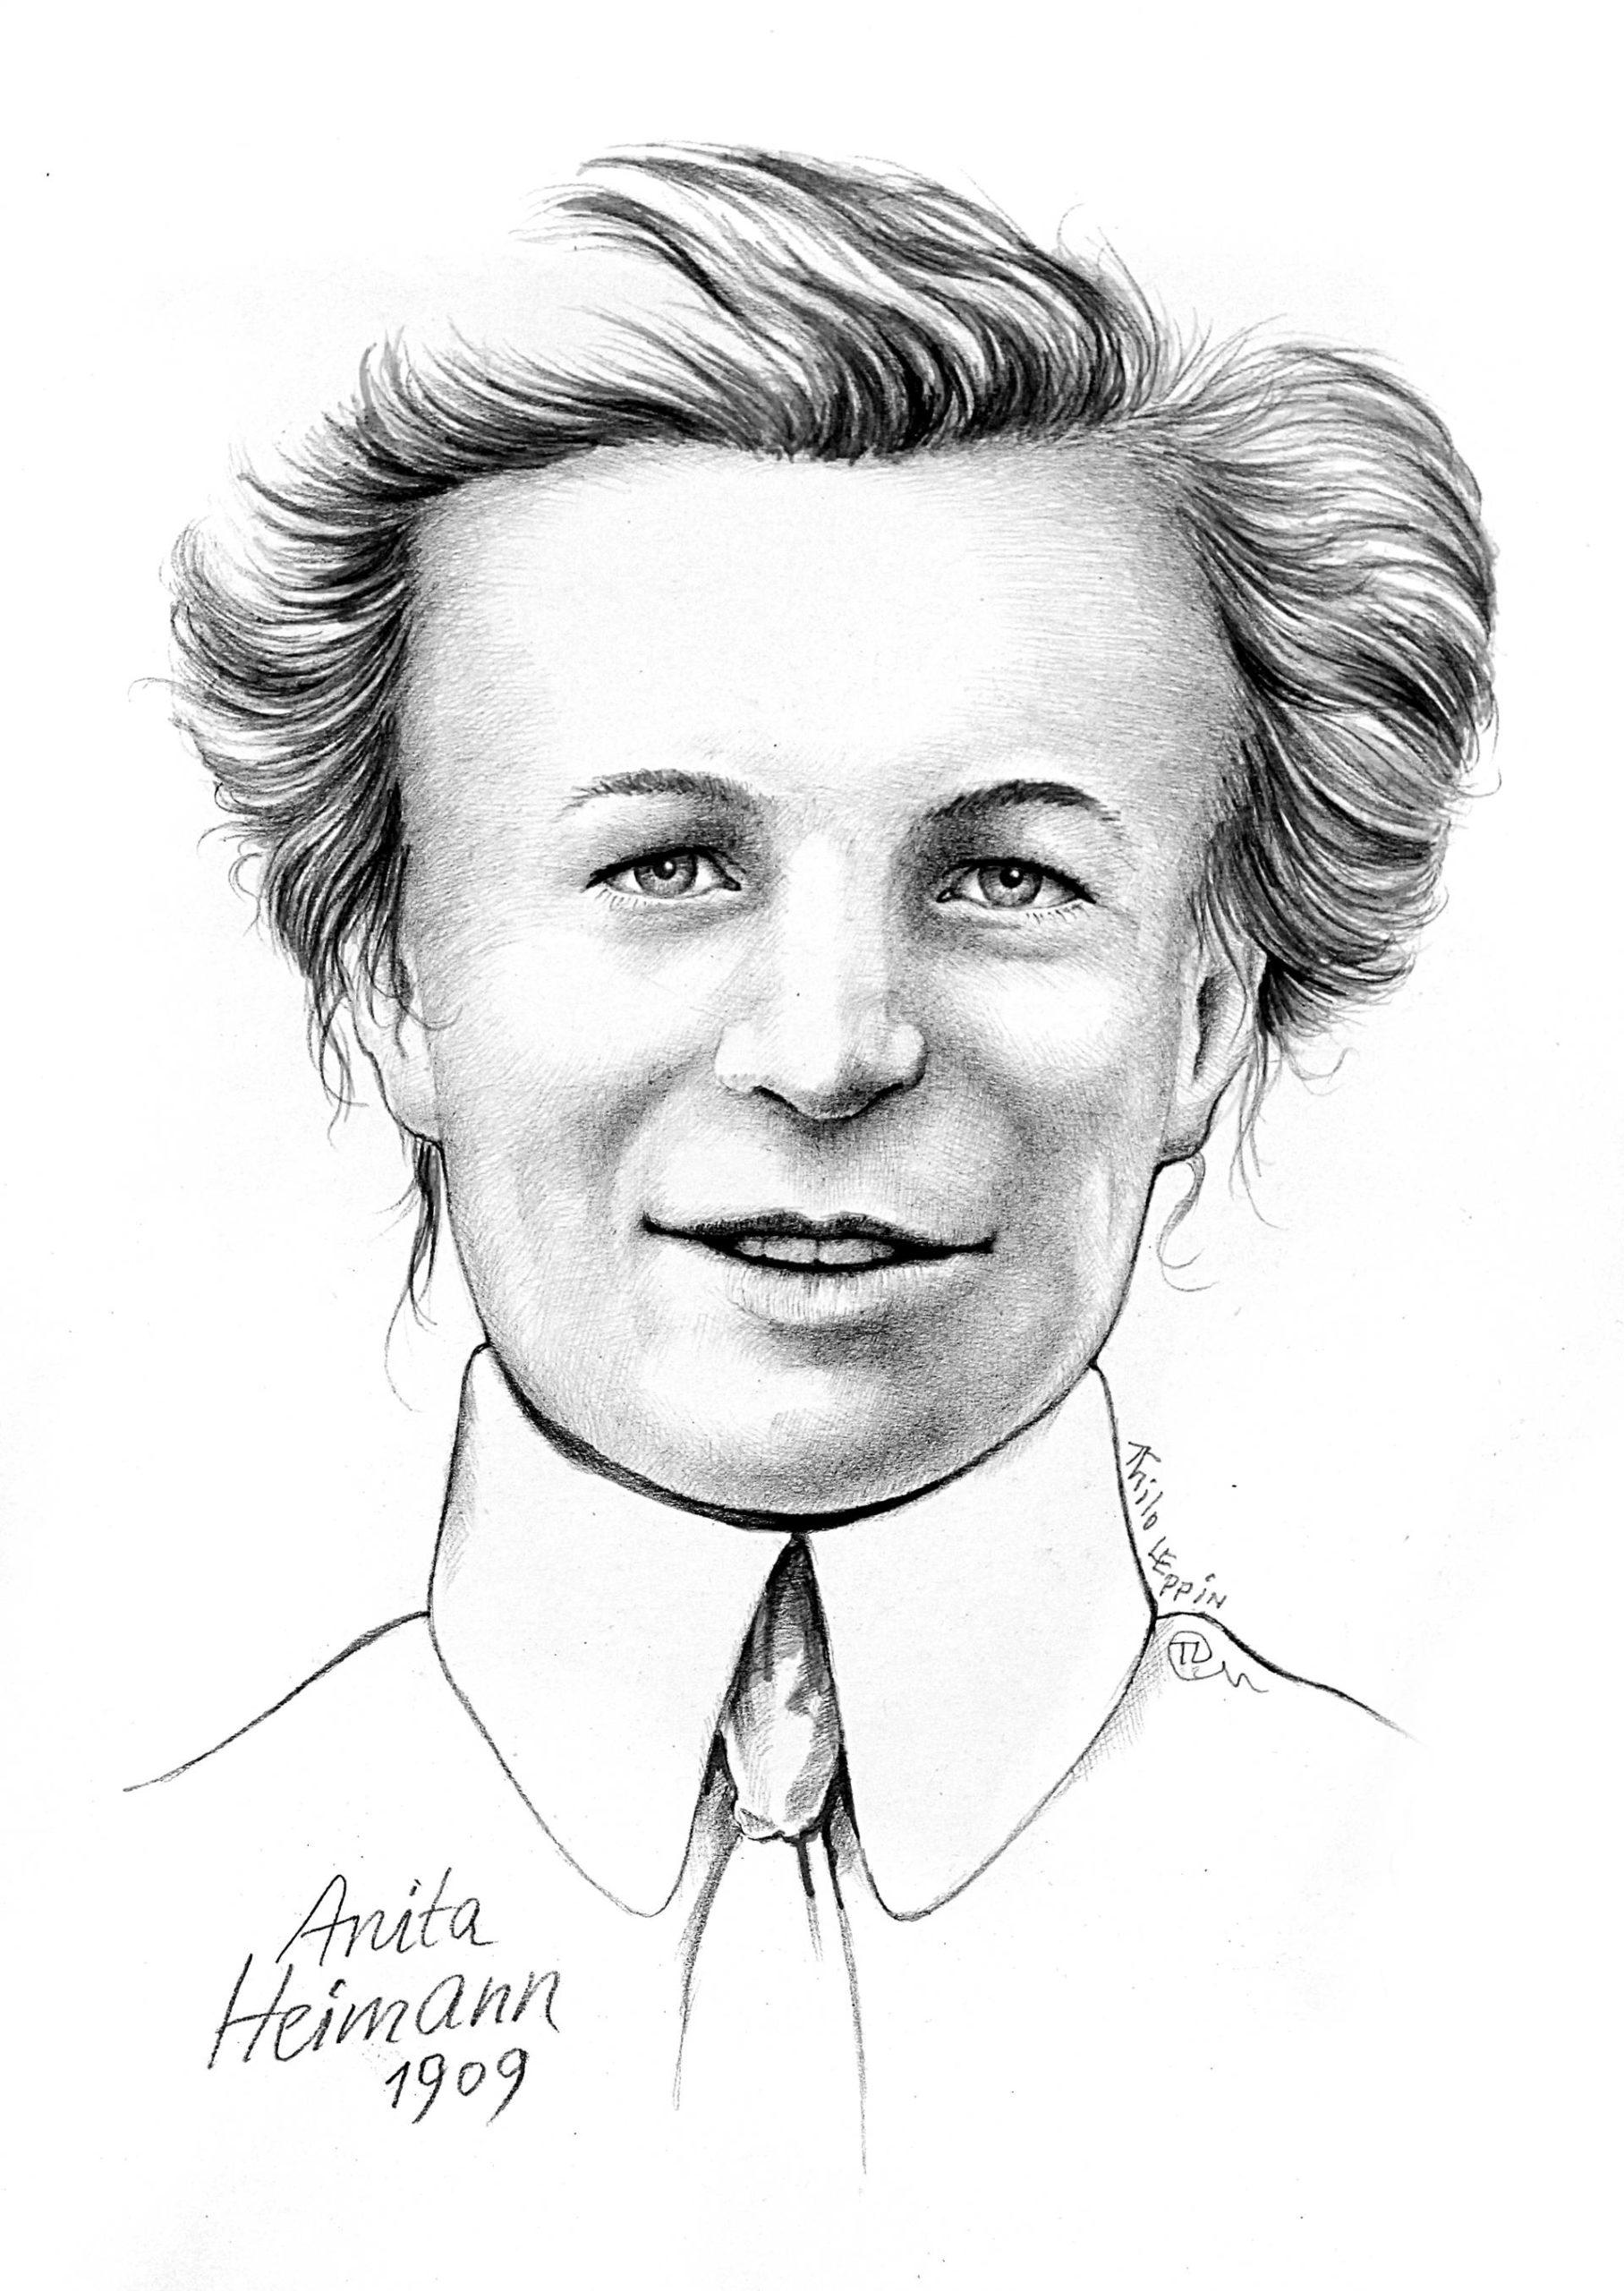 Anita Heimann